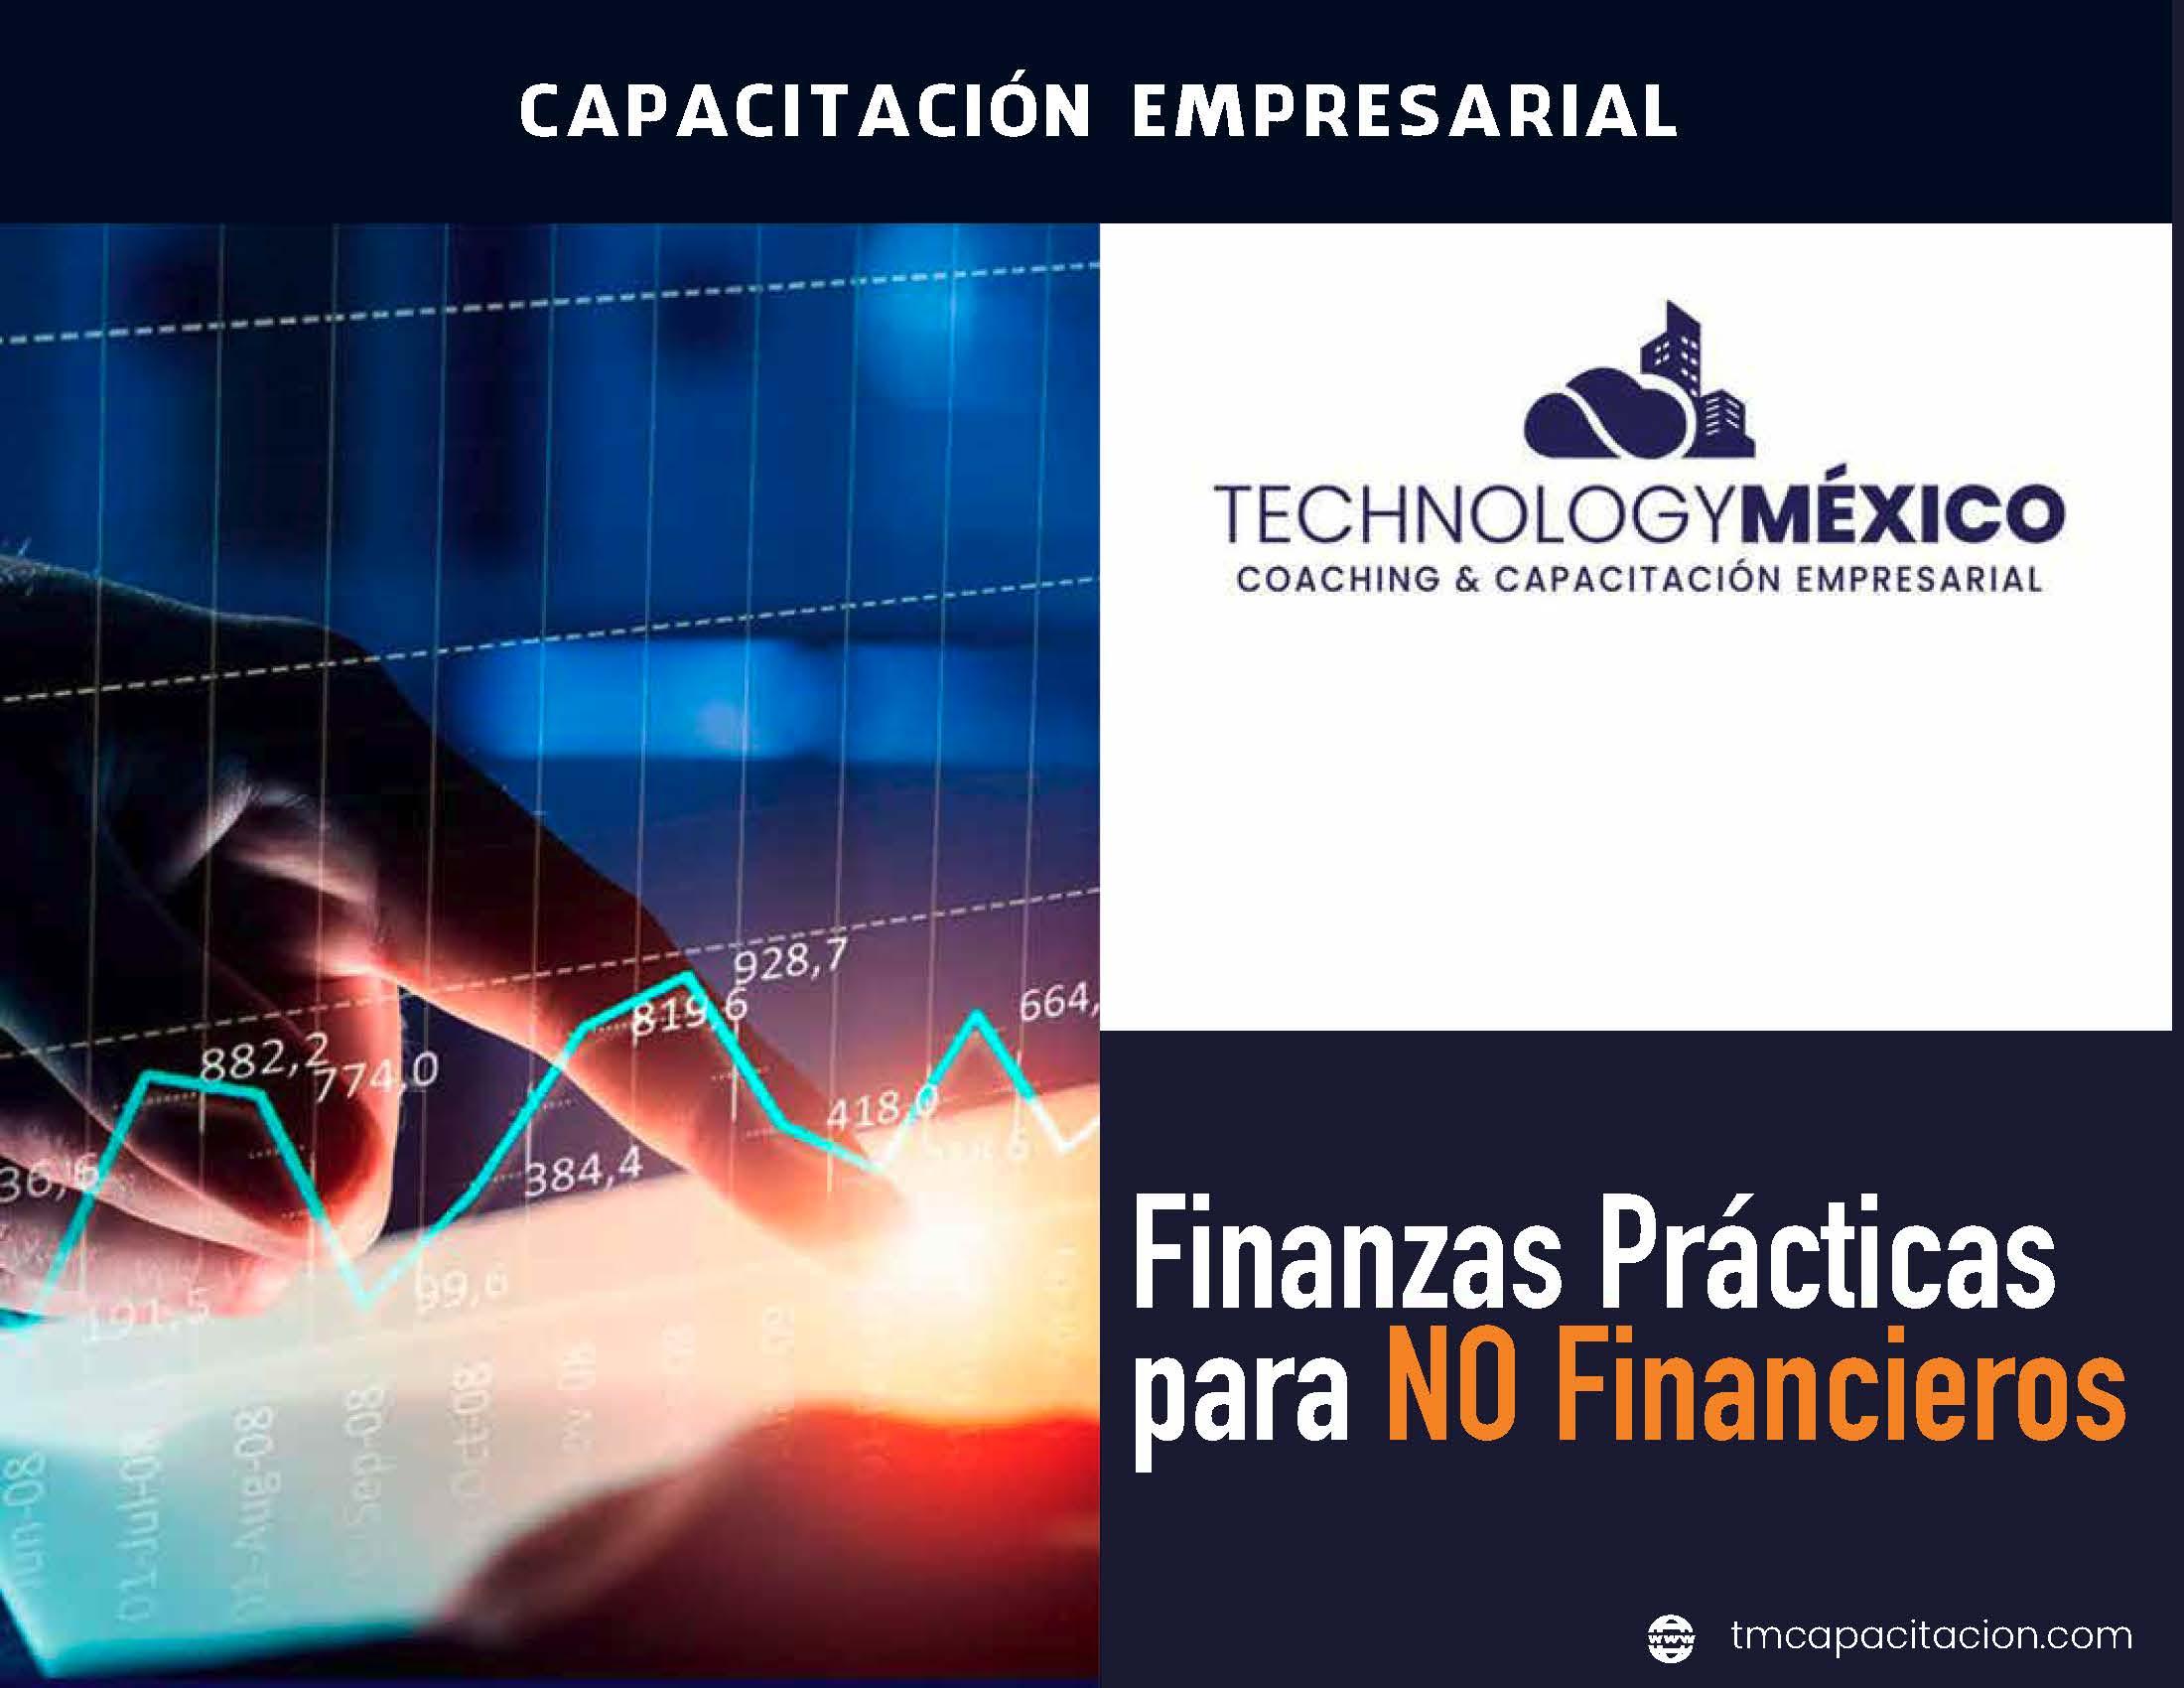 Finanzas Prácticas para NO Financieros